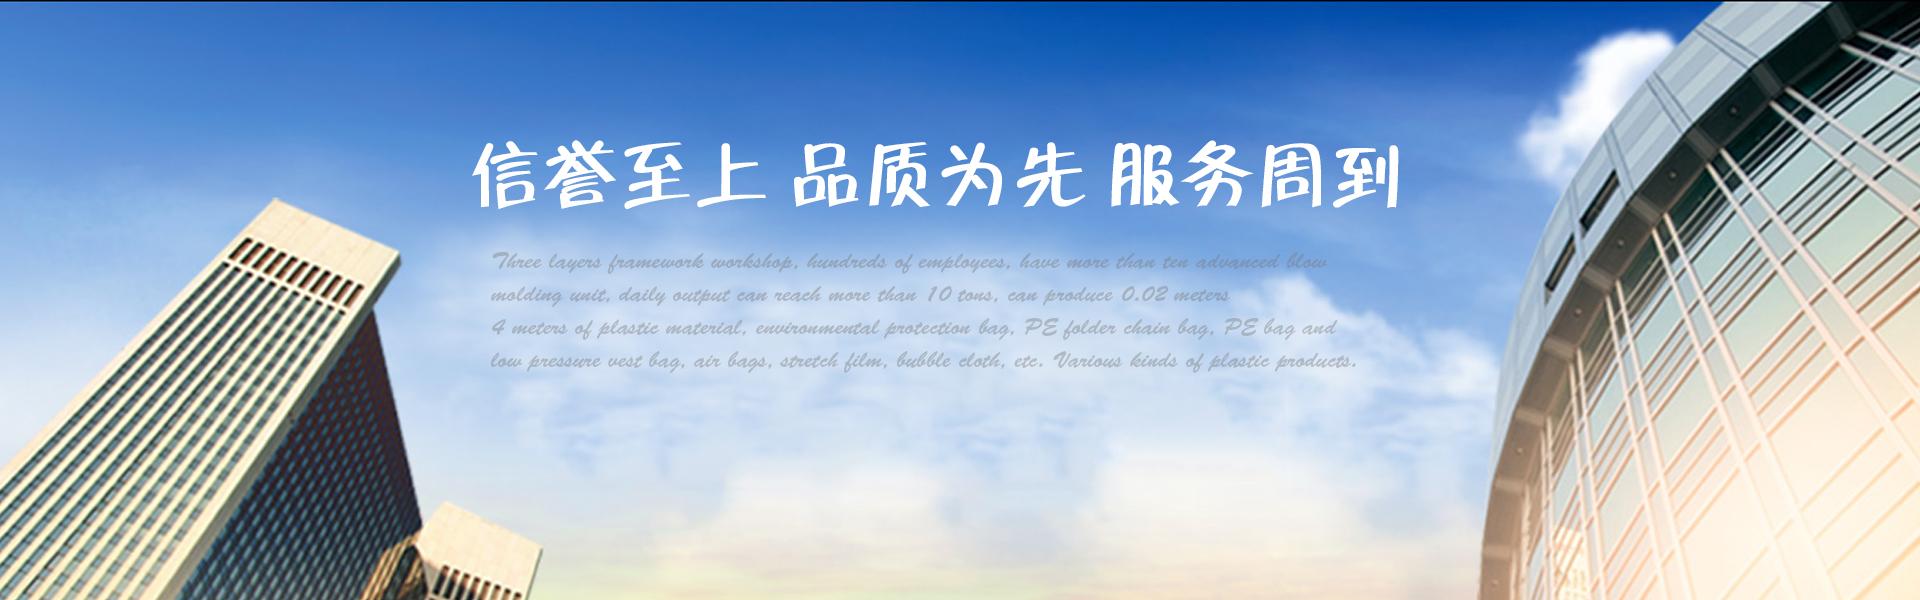 福州佳顺塑料包装有限公司